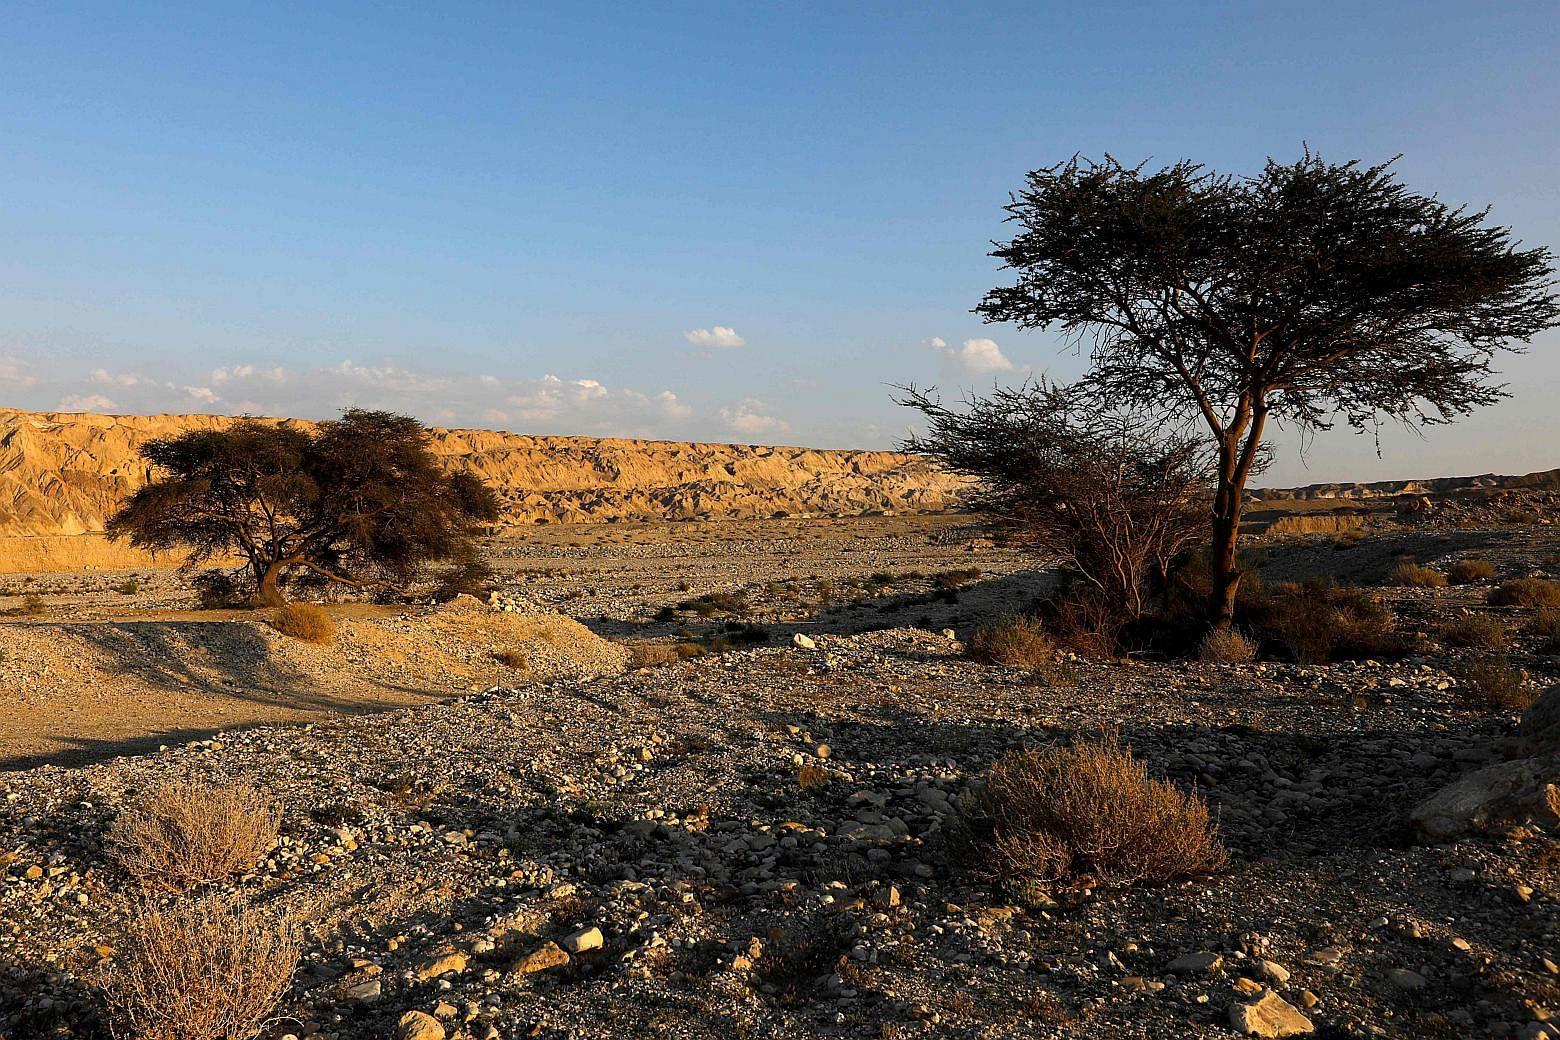 Gua Garam Terpanjang Ditemukan di Israel, Dekat Tempat Istri Lot Jadi Tiang Garam